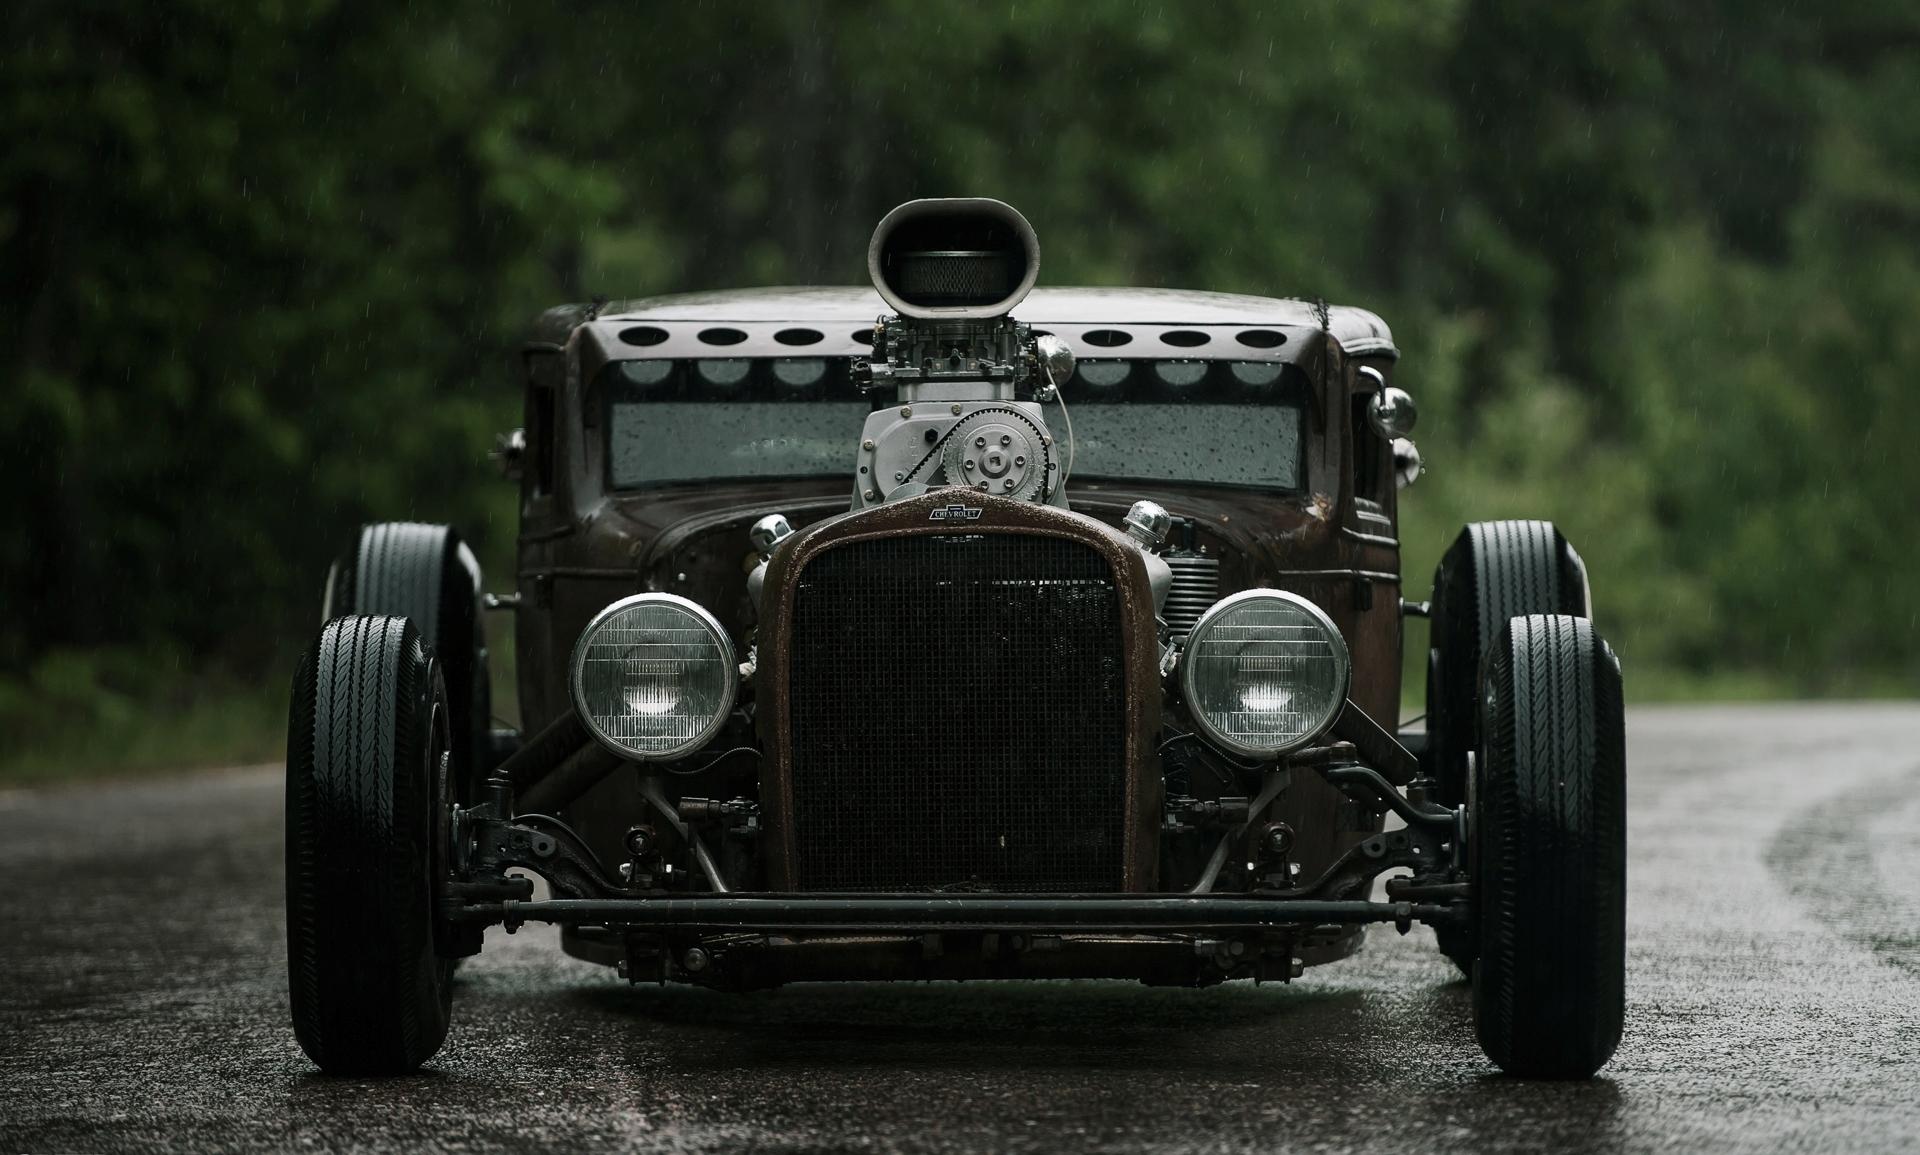 Muscle Car Engines >> Rat Rod Wallpaper Widescreen - WallpaperSafari